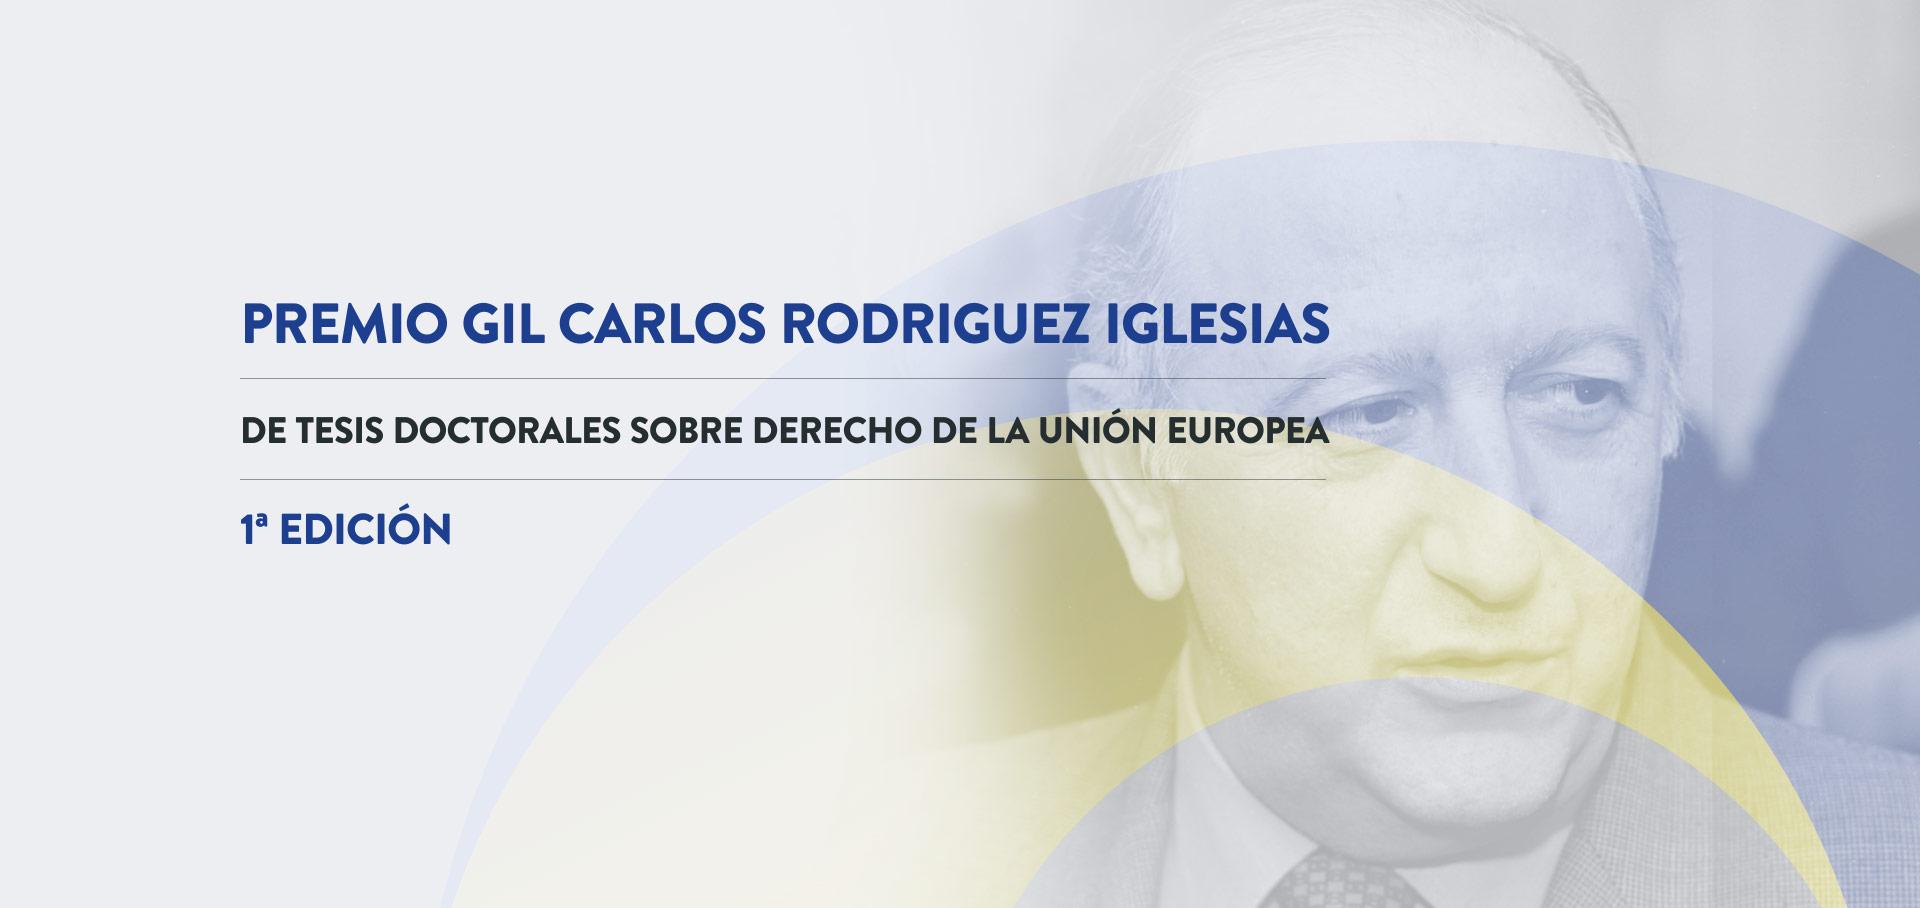 cab_gil_carlos